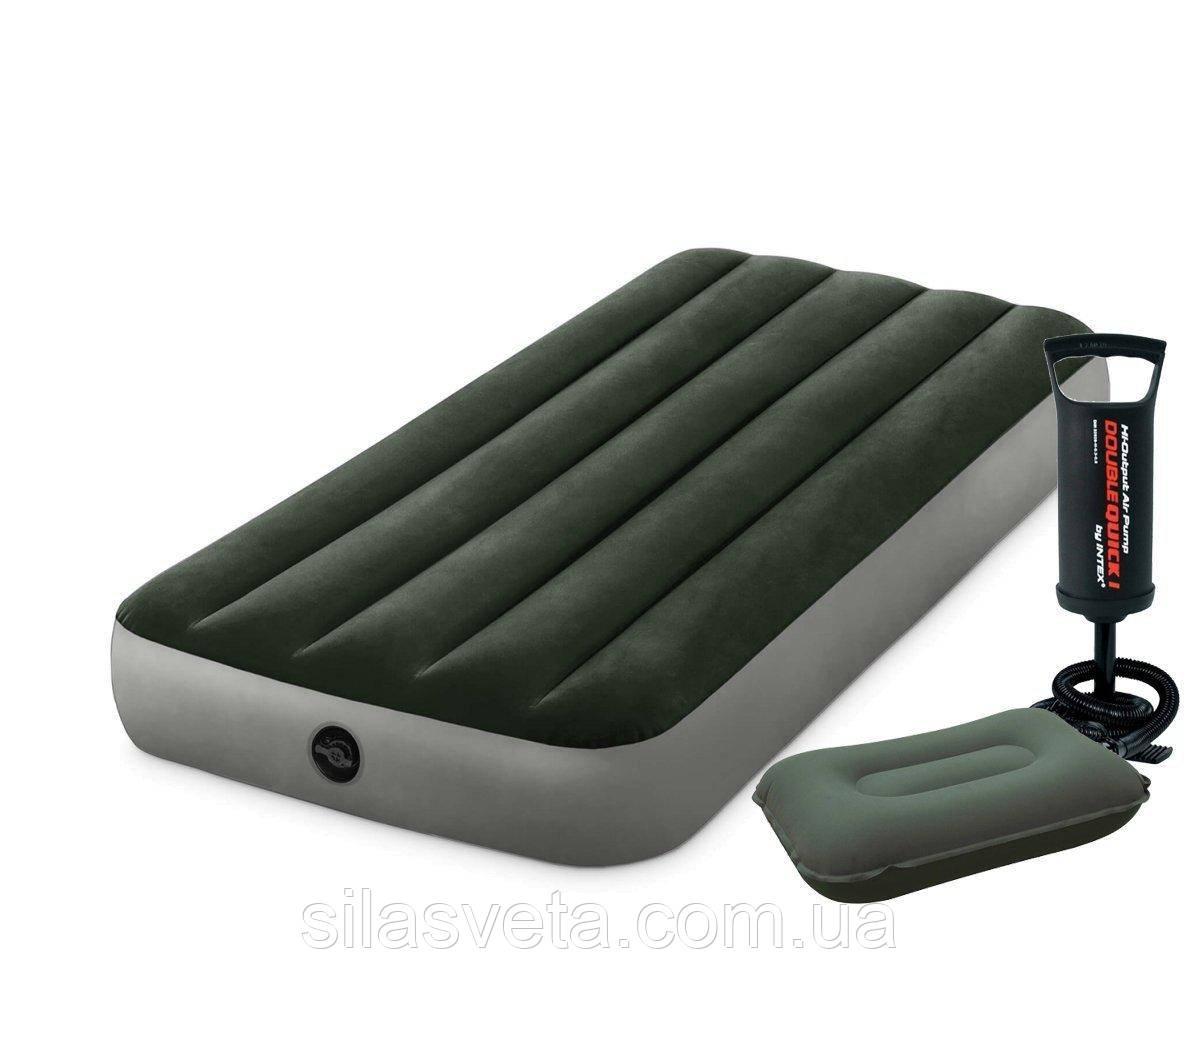 Одноместный надувной матрас Intex 64106-2 Pillow Rest Classic с насосом и подушкой 76 x 191 x 25 см Зеленый (RT-64106-2)